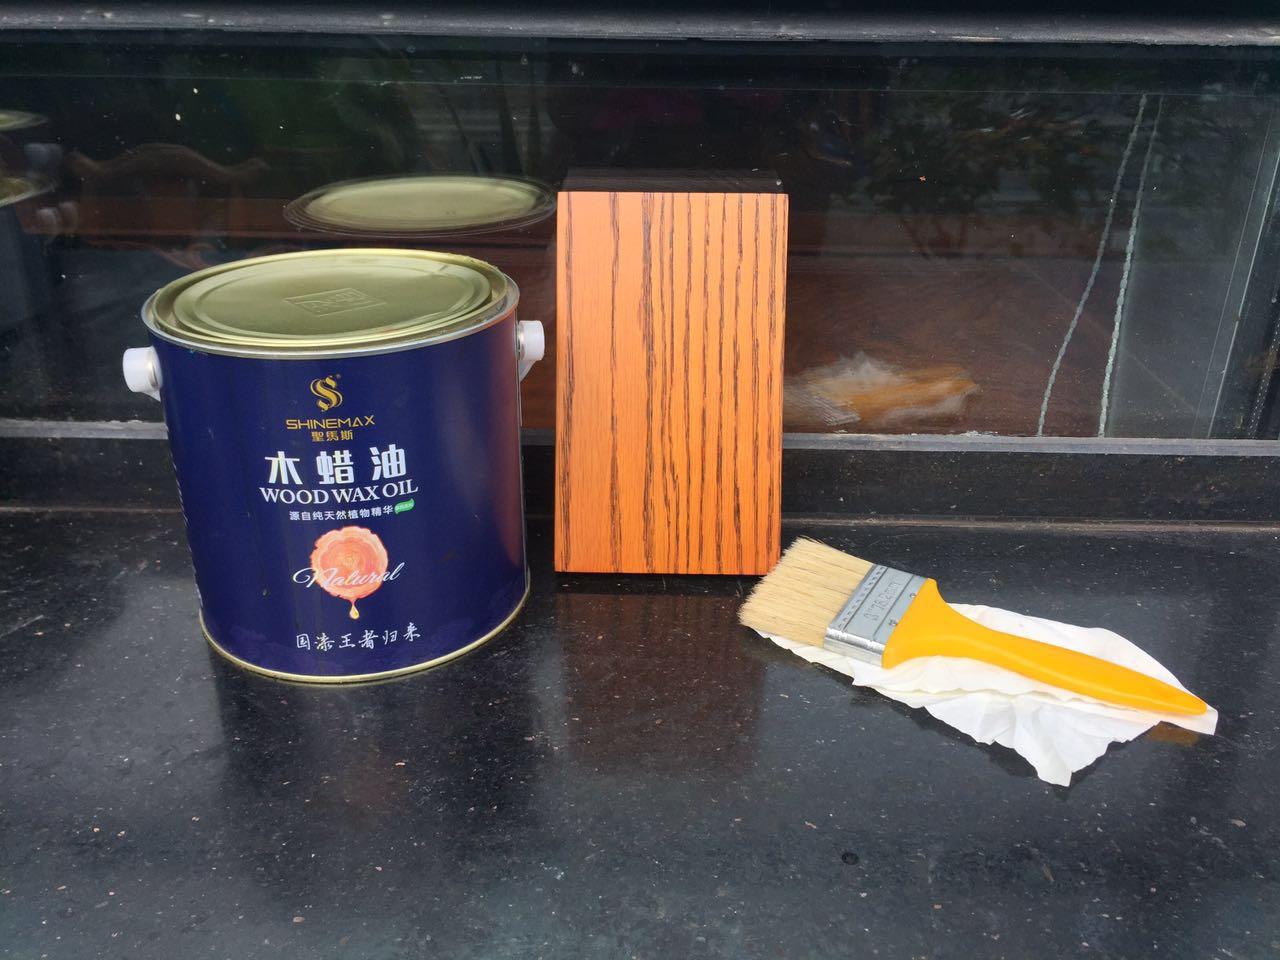 【圣马斯学院】木蜡油涂装五大风格统领市场,新一期技能培训蓄势待发